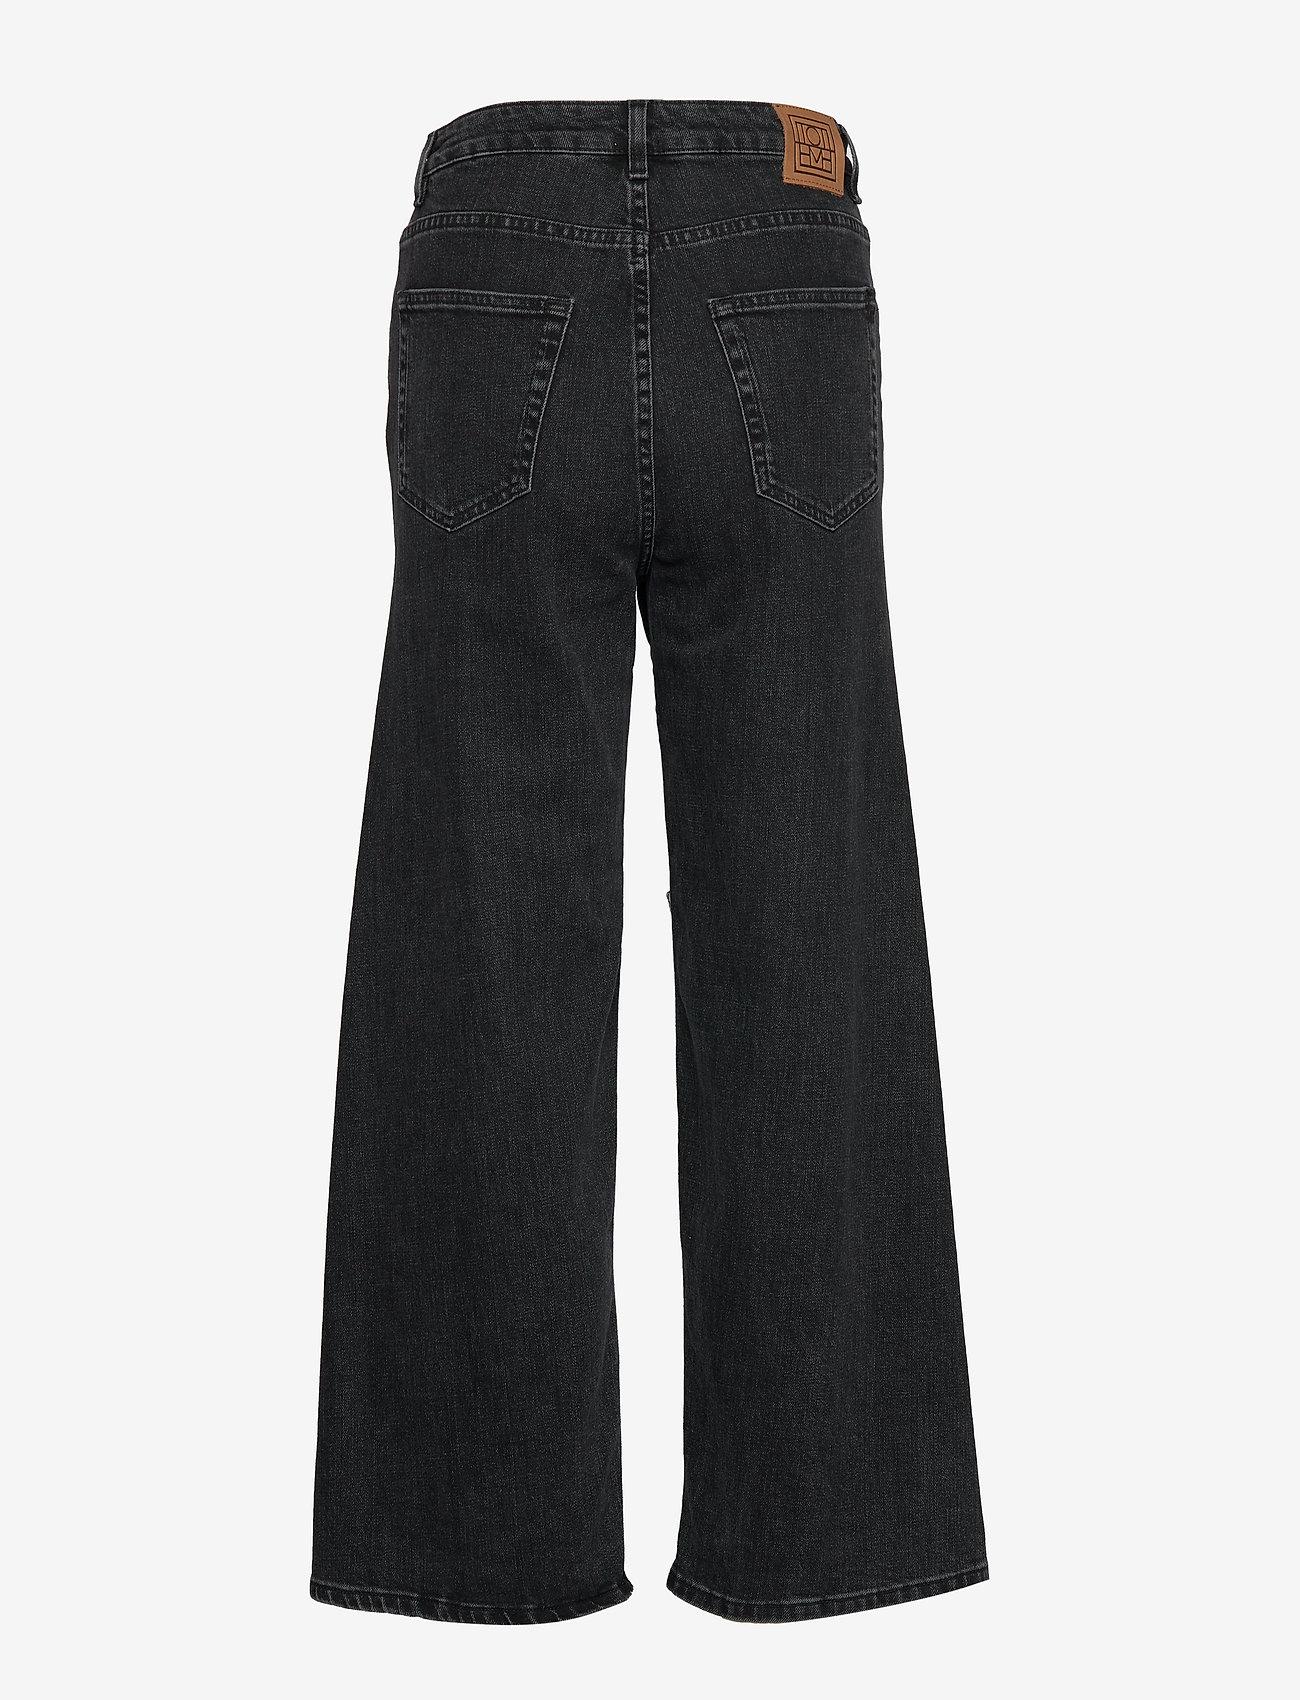 Totême - FLAIR DENIM - szerokie dżinsy - grey wash 300 - 1